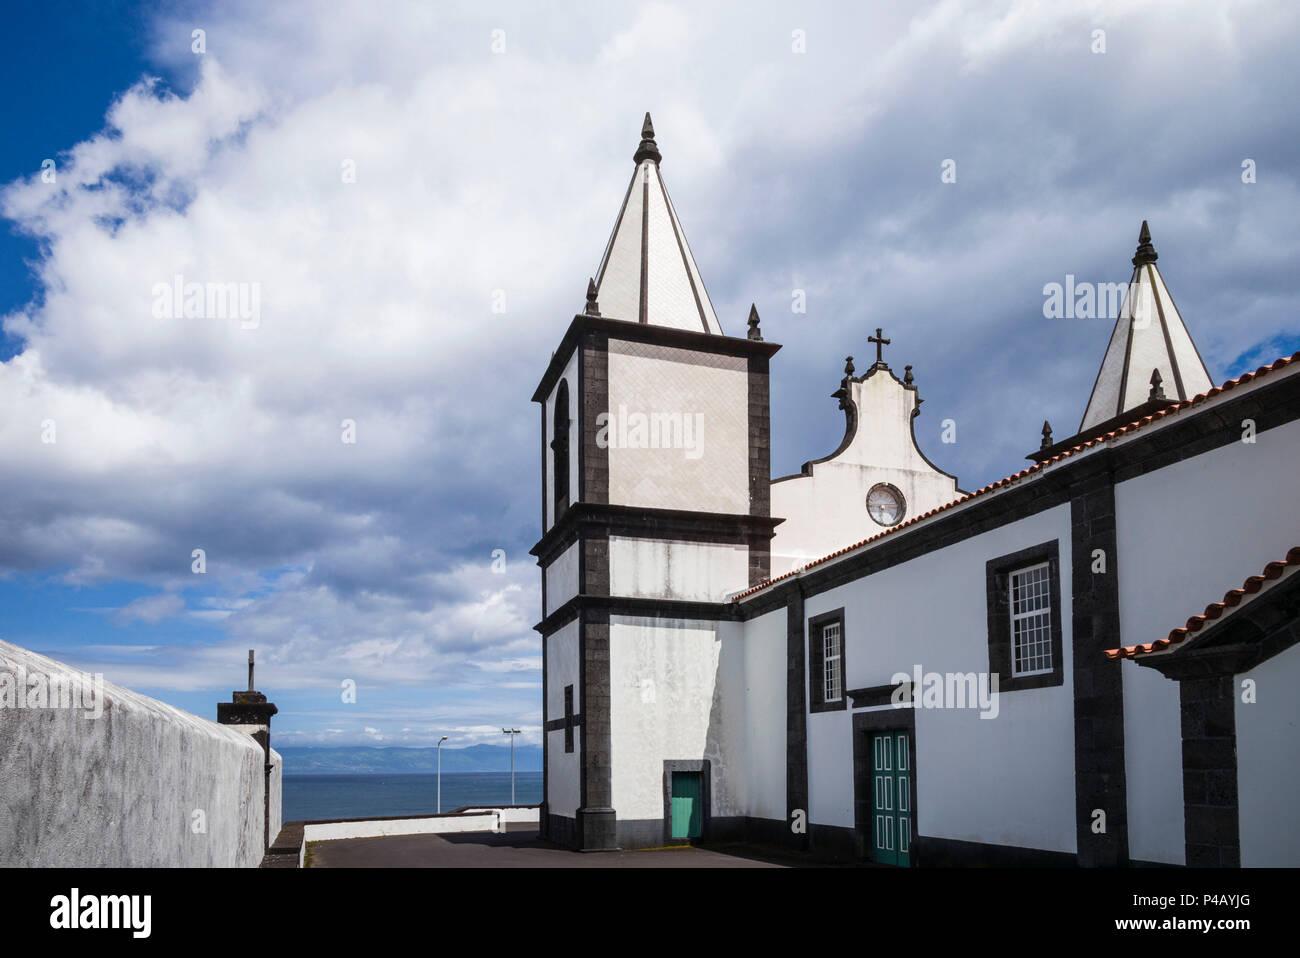 Portugal, Azores, Pico Island, Prainha, town church - Stock Image